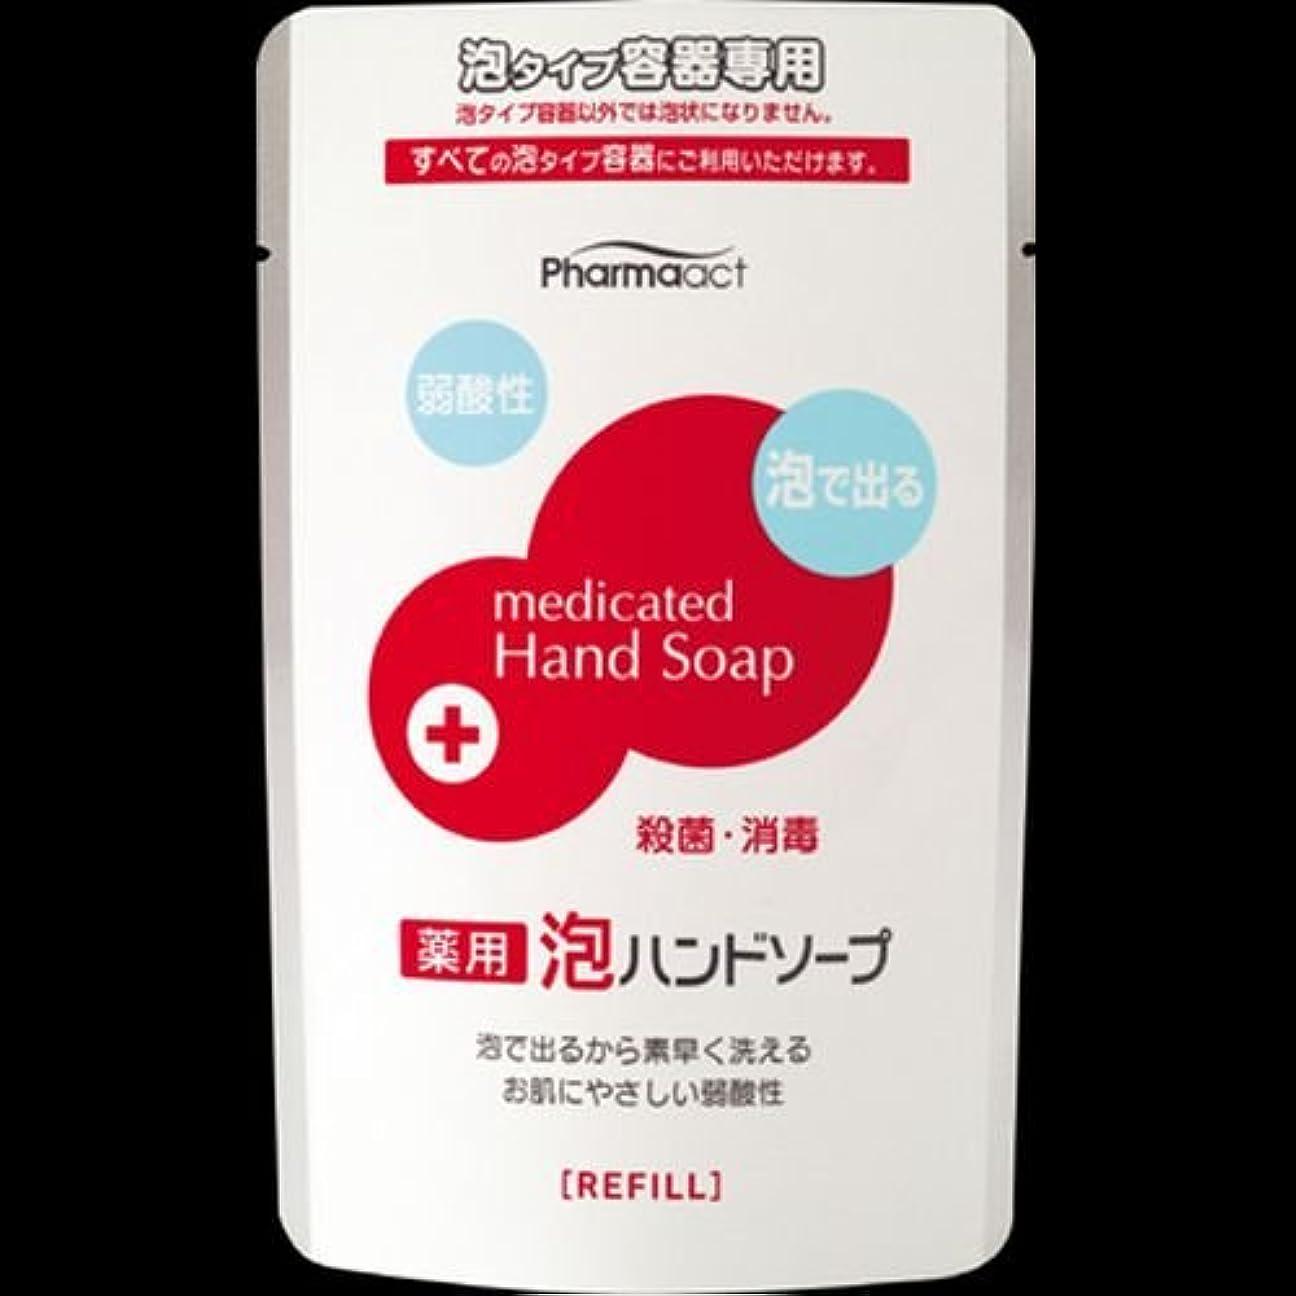 邪悪なラックリビジョン【まとめ買い】ファーマアクト 弱酸性 薬用泡ハンドソープ つめかえ用 200ml ×2セット